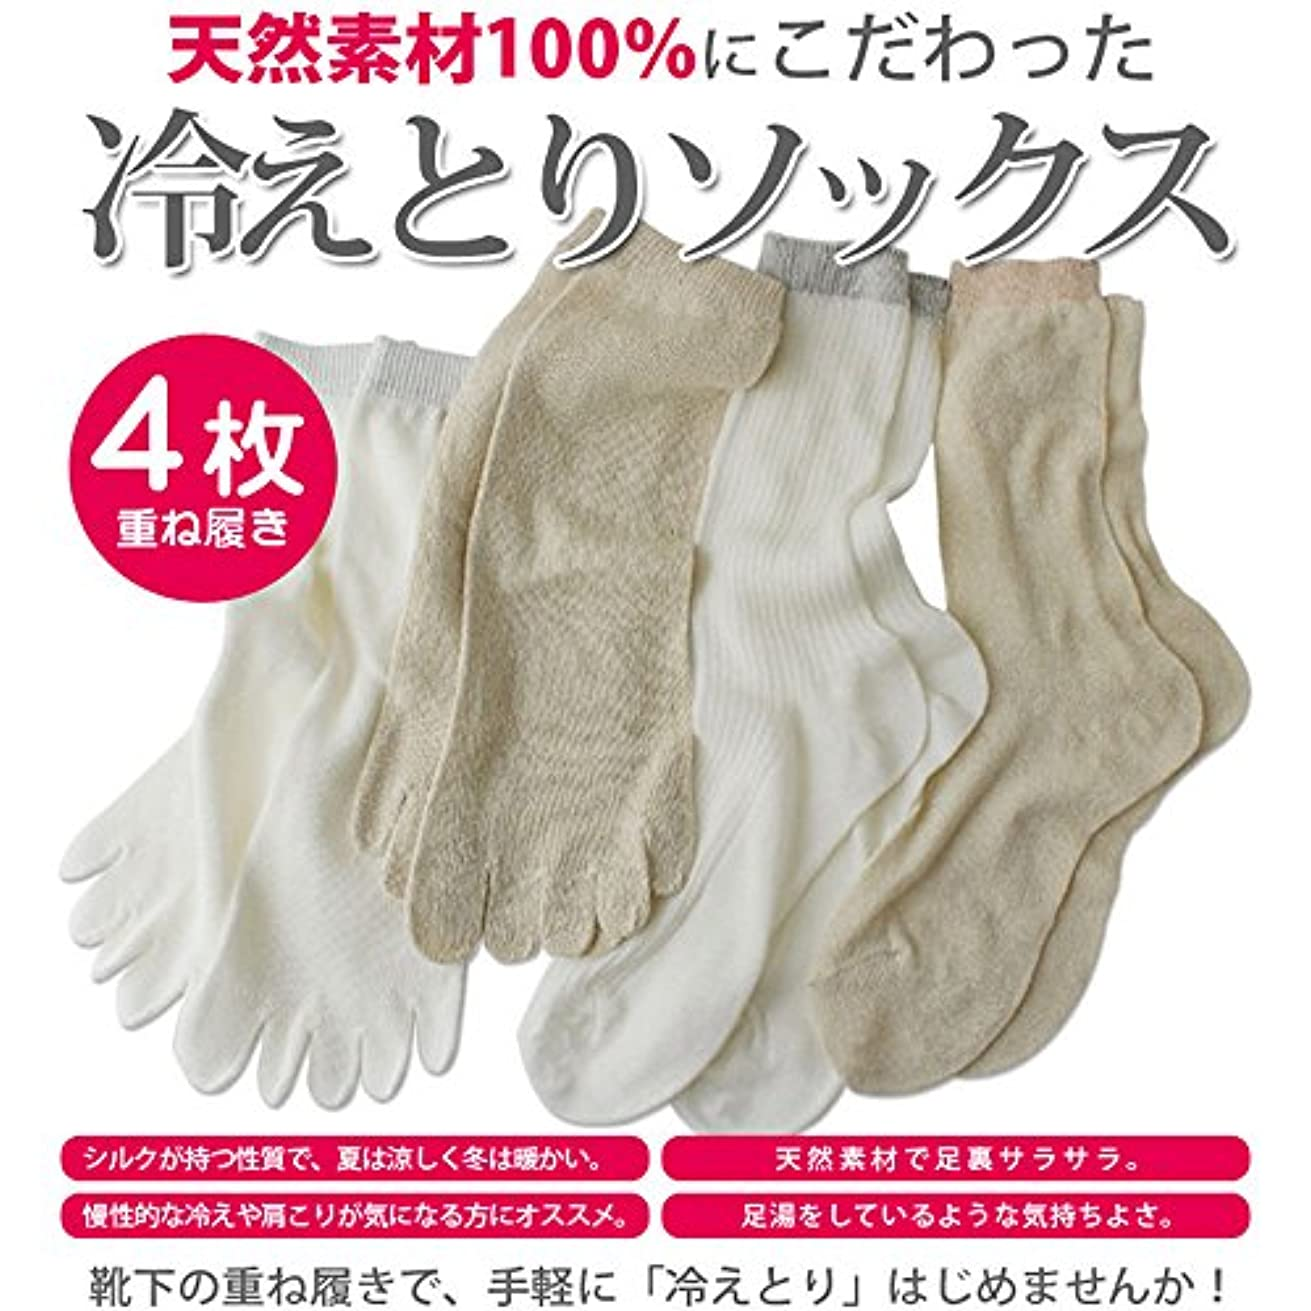 刃買う能力冷え取り靴下 綿100%とシルク100% 呼吸ソックス 4枚重ねばきであったか 4枚セット